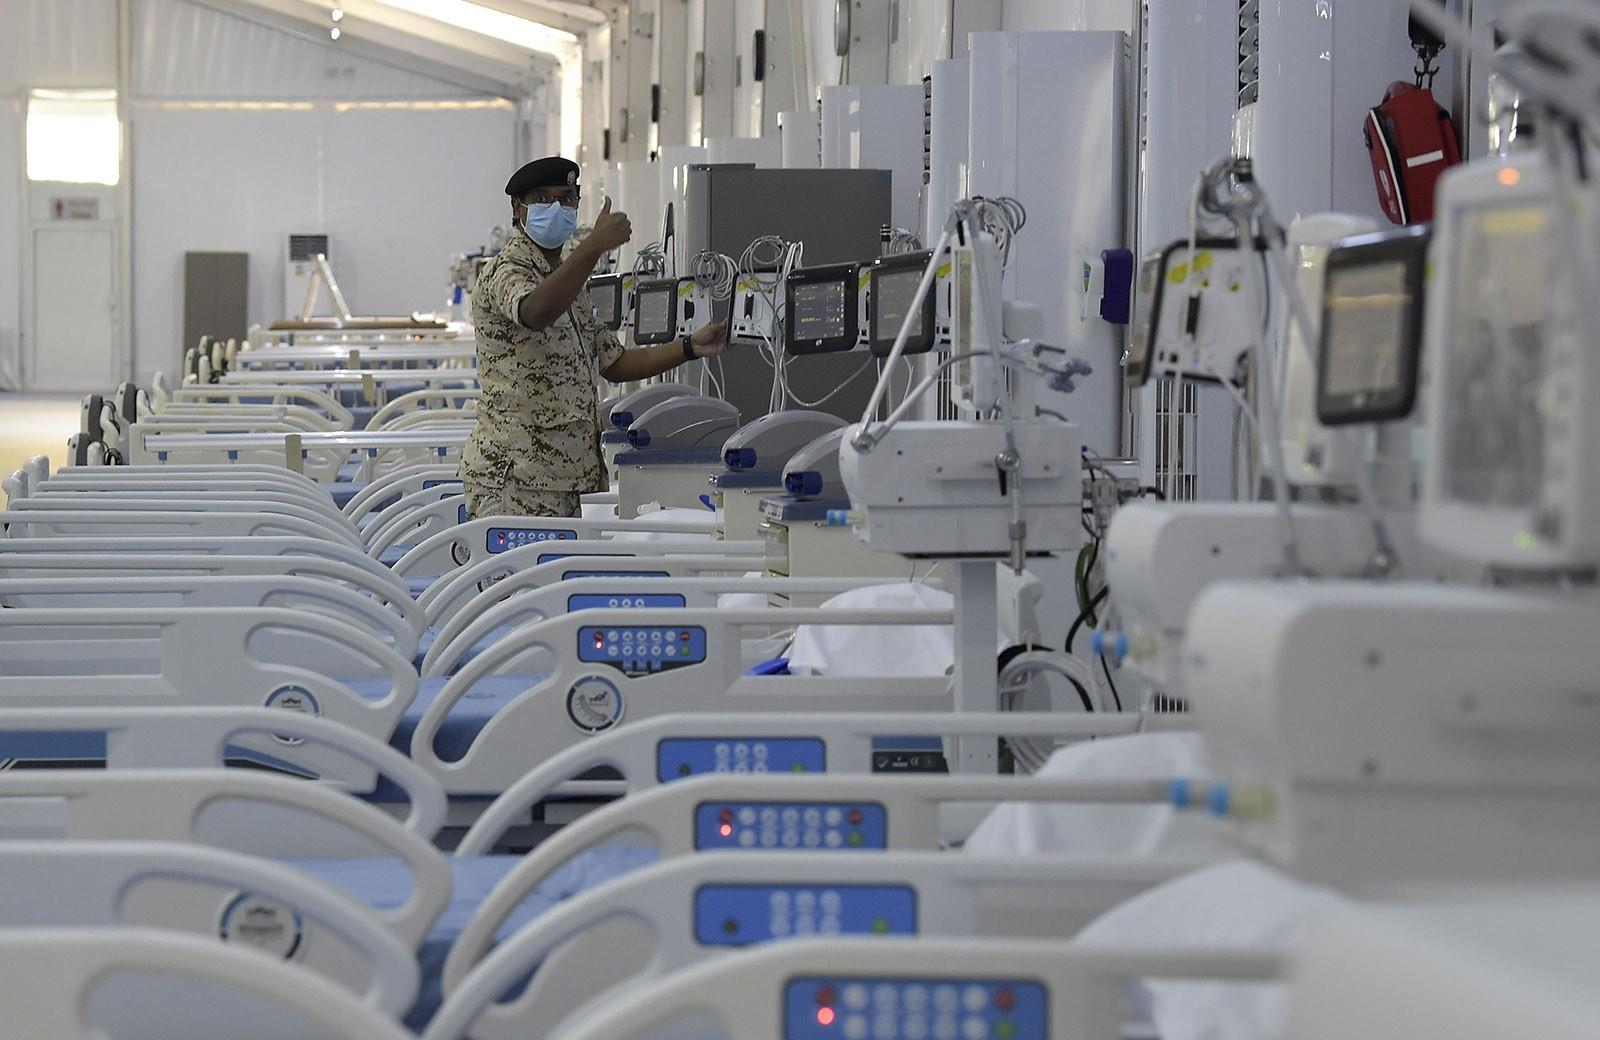 حصيلة كورونا الثلاثاء: تسجيل 348 إصابة جديدة بفيروس كورونا.. وتعافي 33 حالة